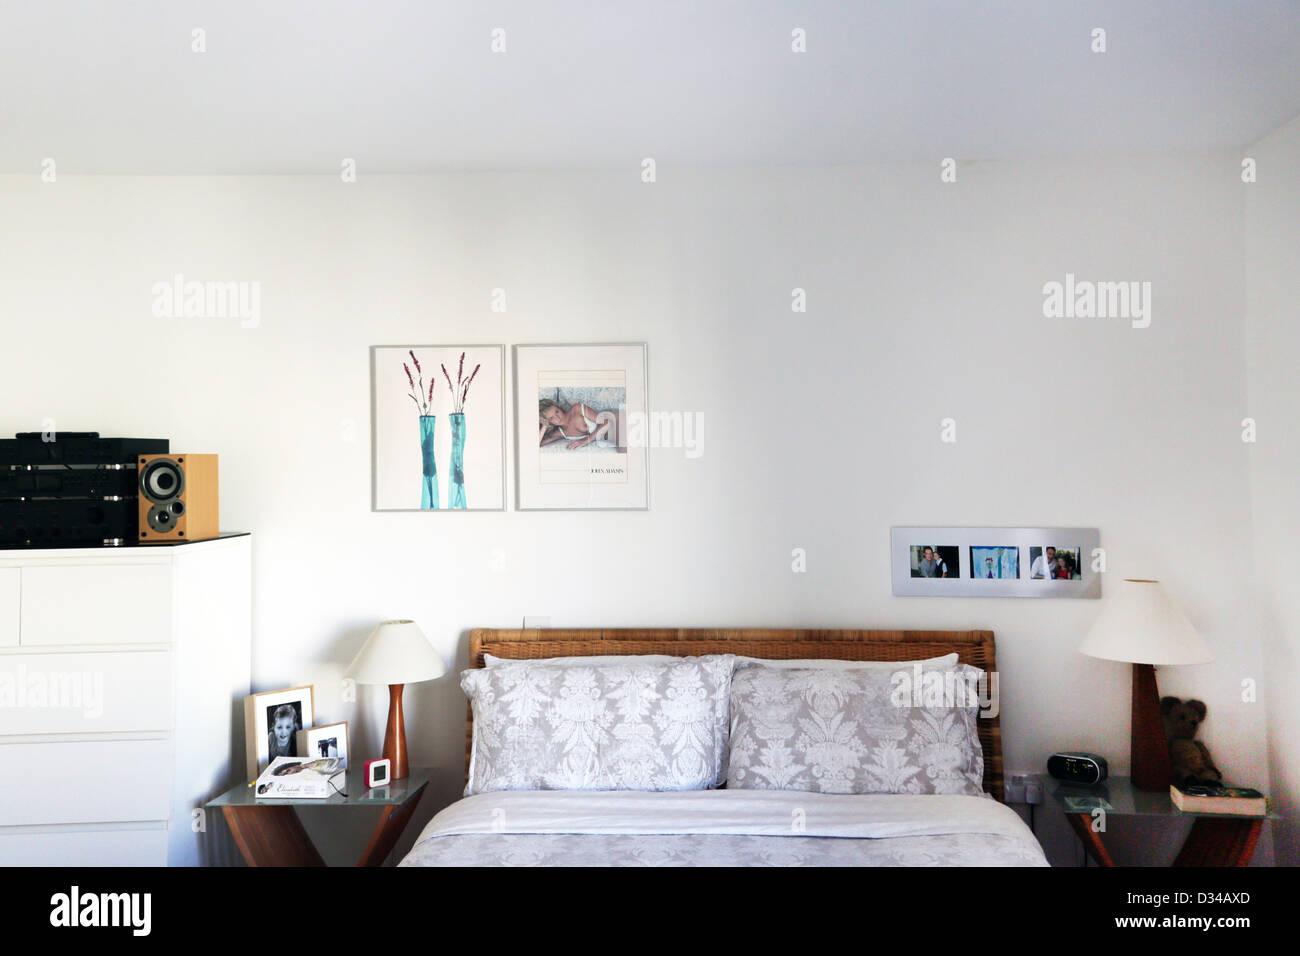 Dormitorio cama con mesitas de noche y la imagen en la pared Cheltenham Gloucestershire Inglaterra Imagen De Stock